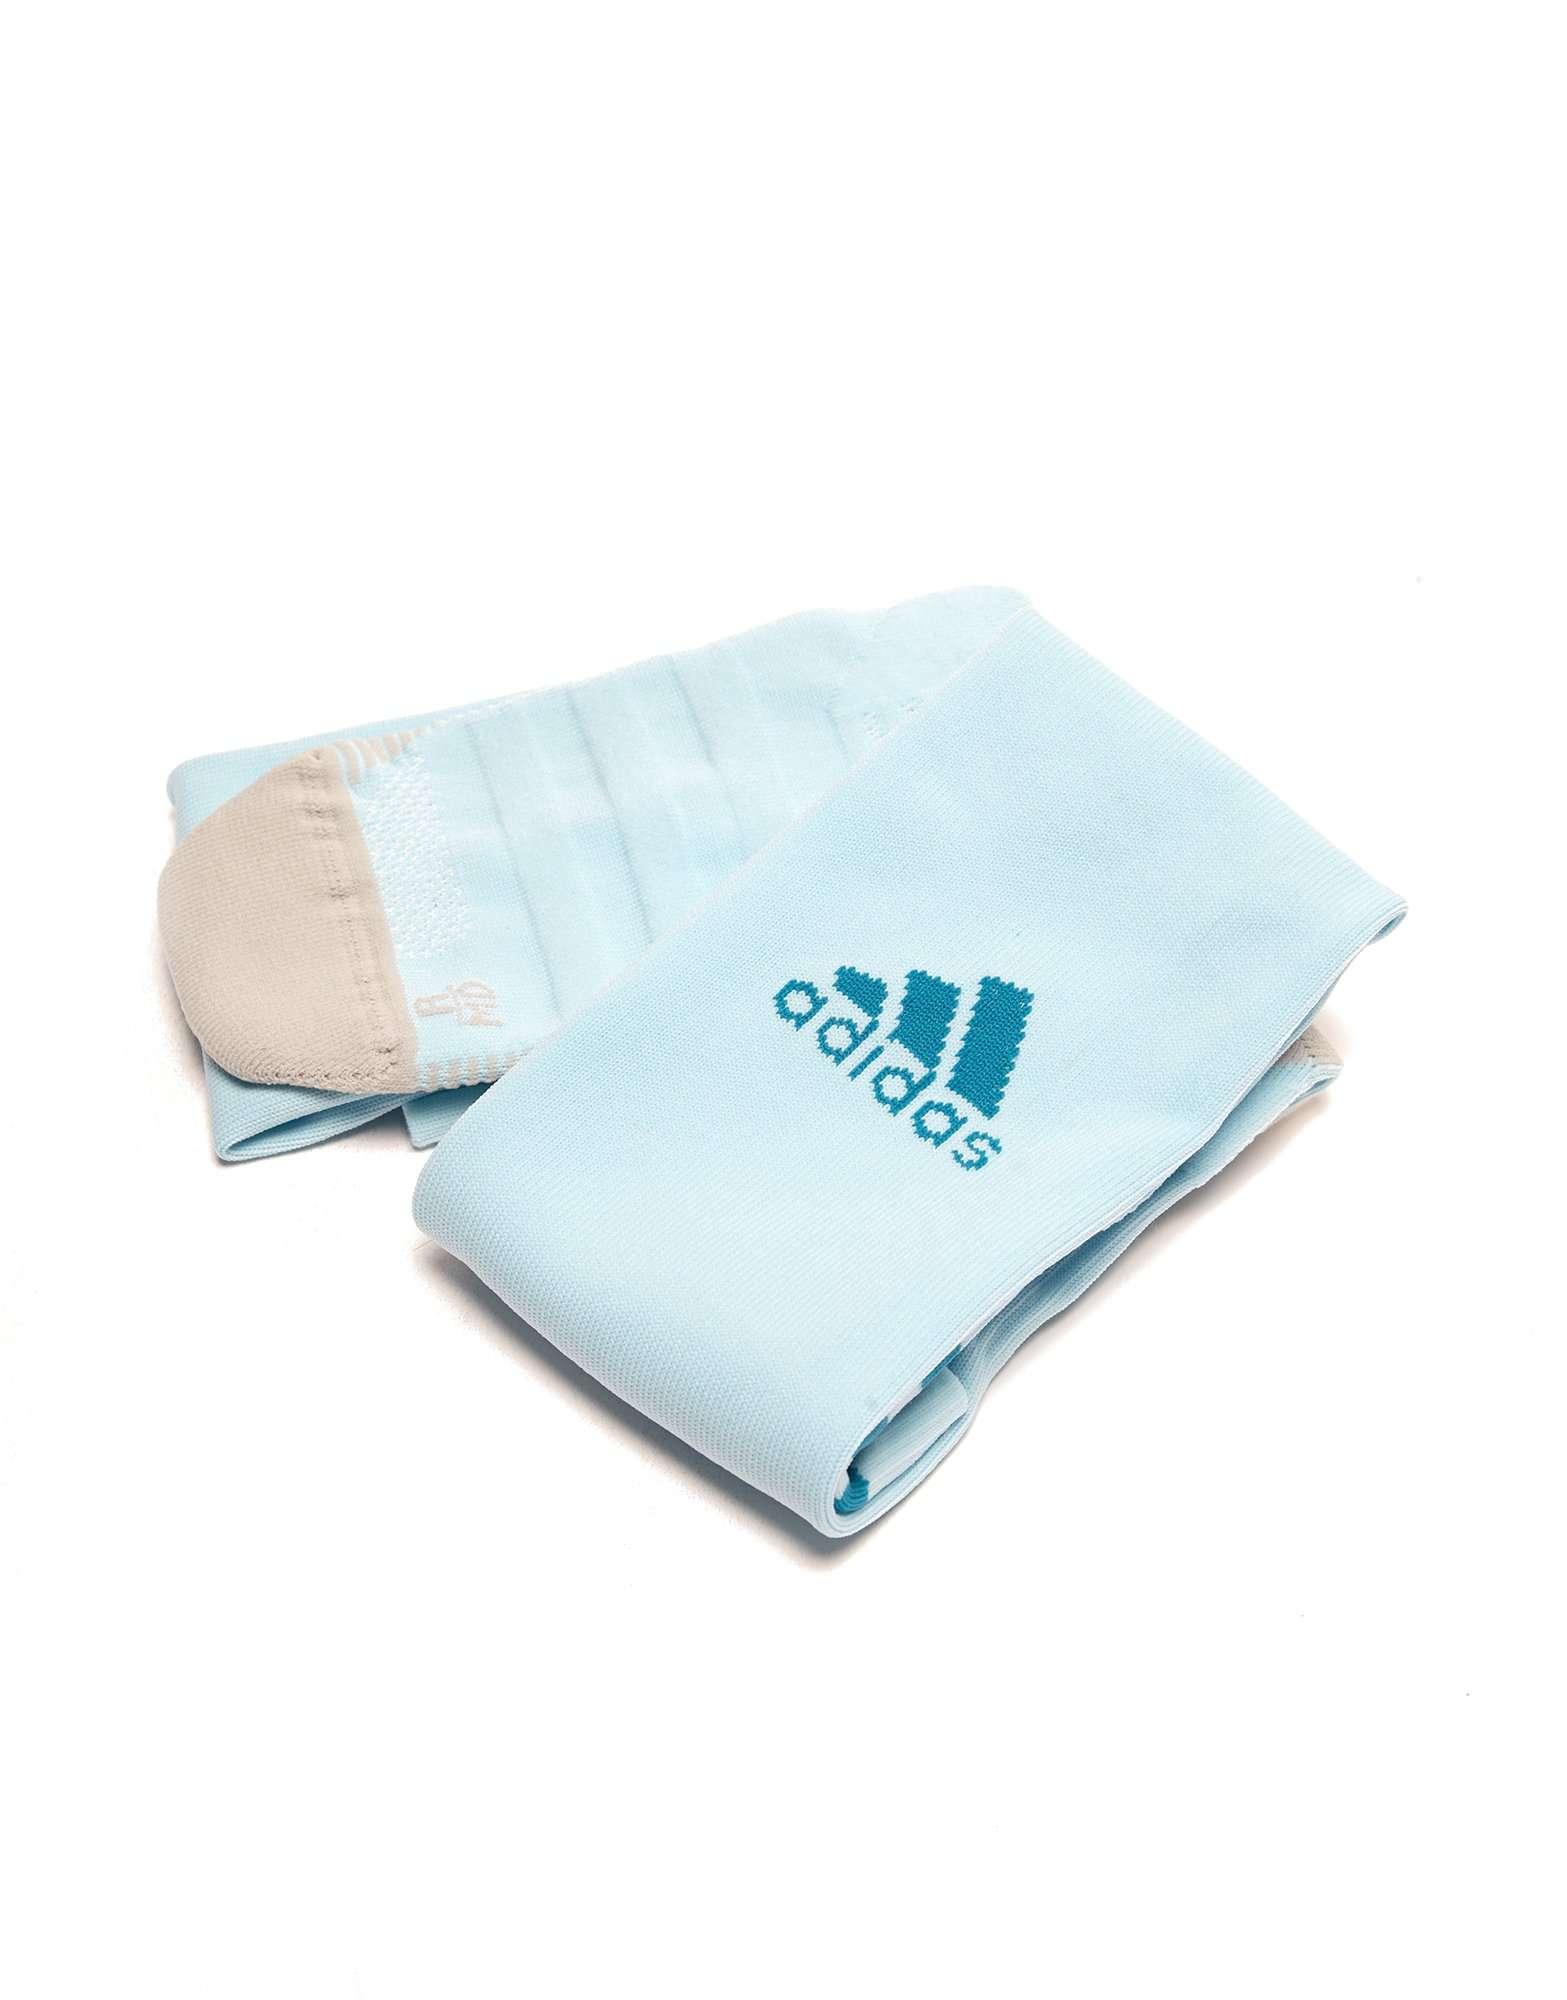 adidas Northern Ireland 2018/19 Away Socks